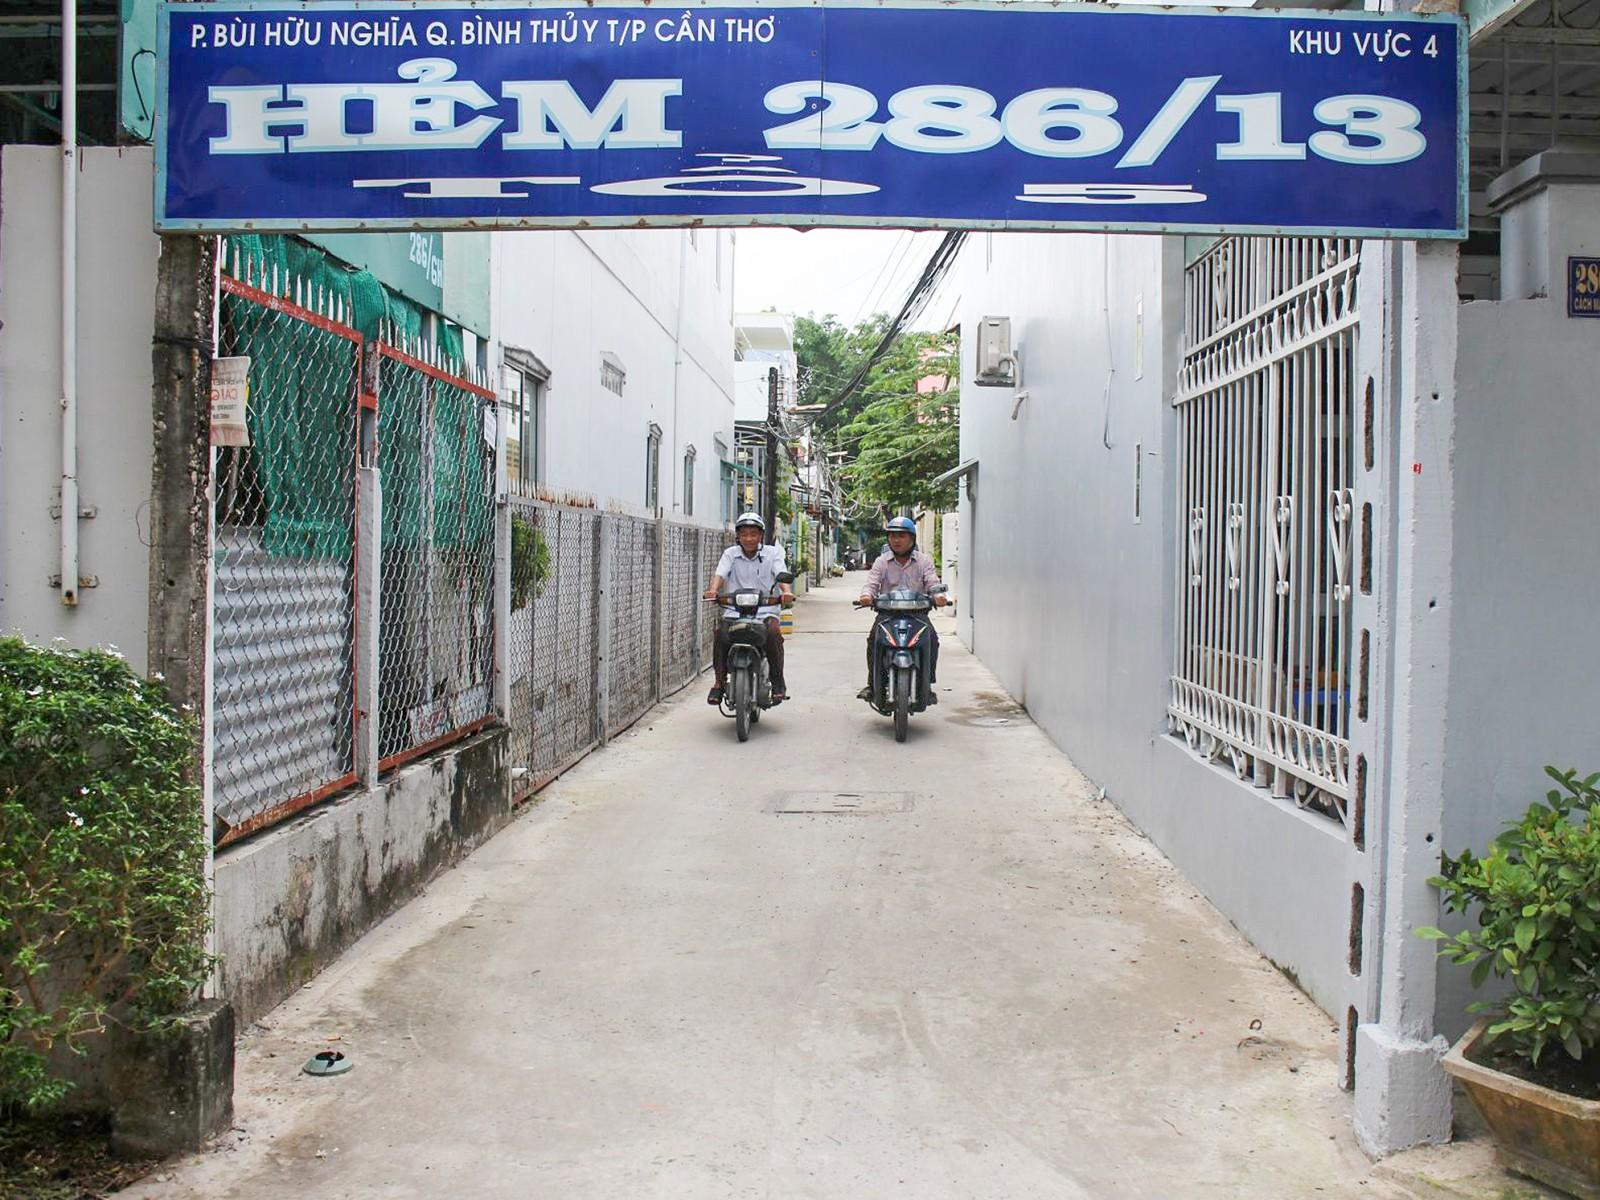 Tuyến hẻm 286/13 khang trang rộng rãi, tạo điều kiện cho người dân đi lại thuận tiện.